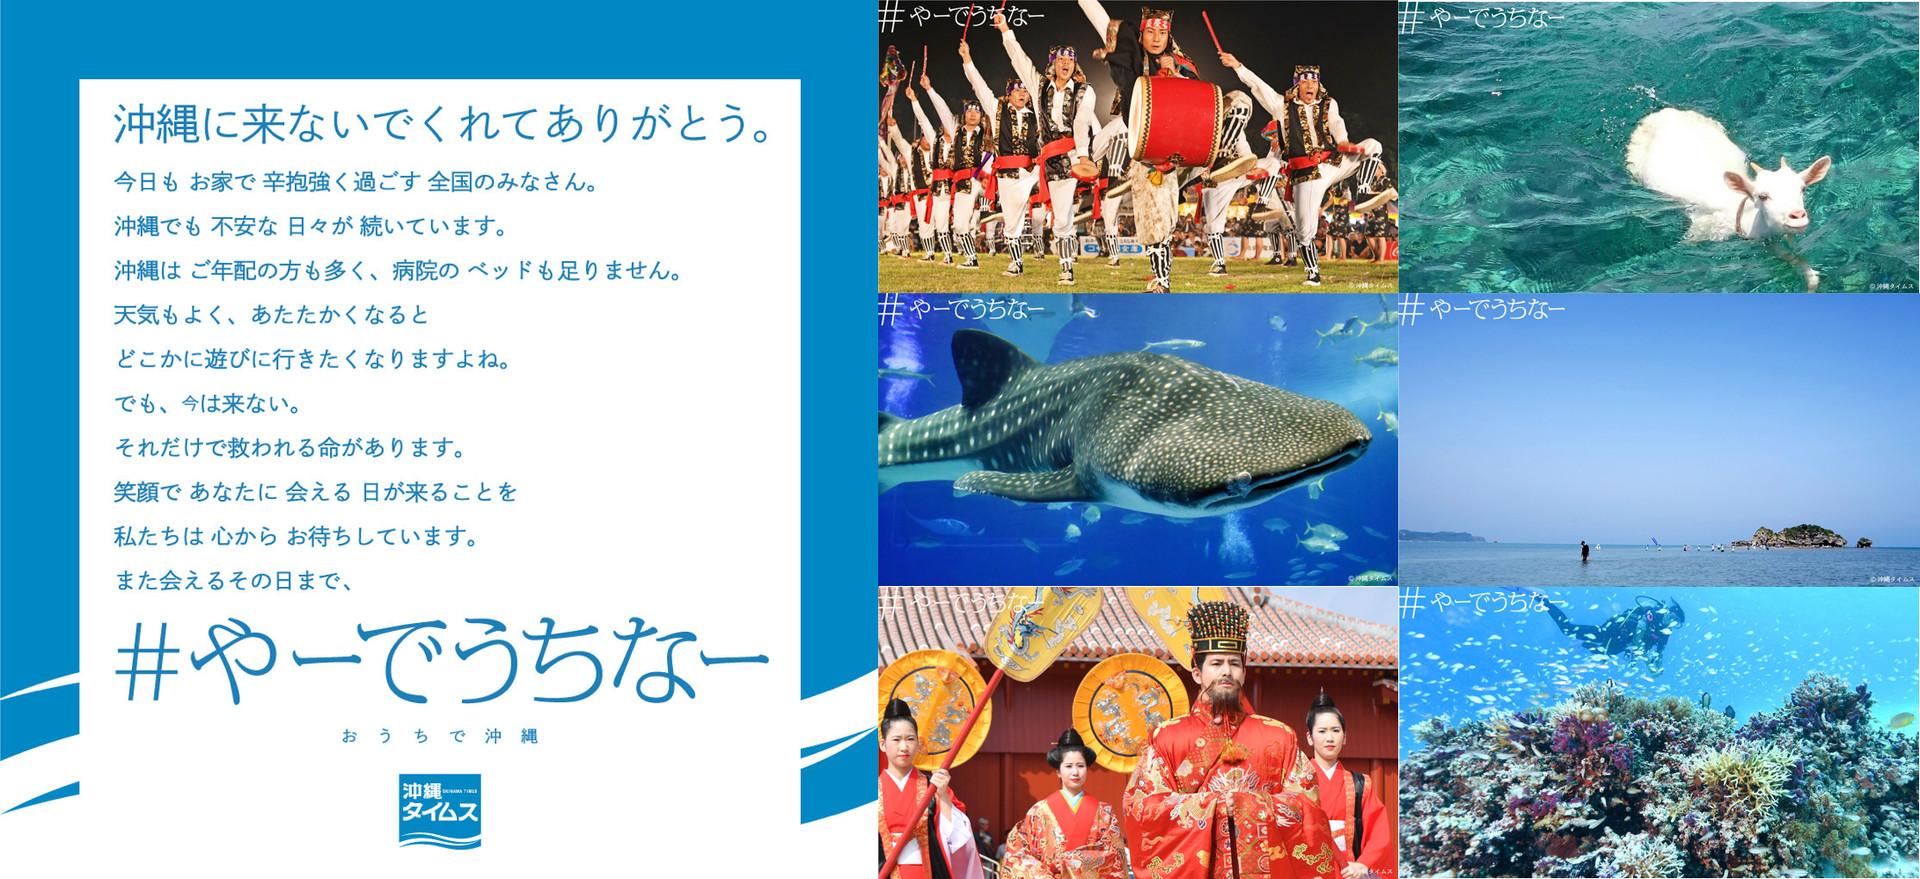 Okinawa Times / #やーでうちなー